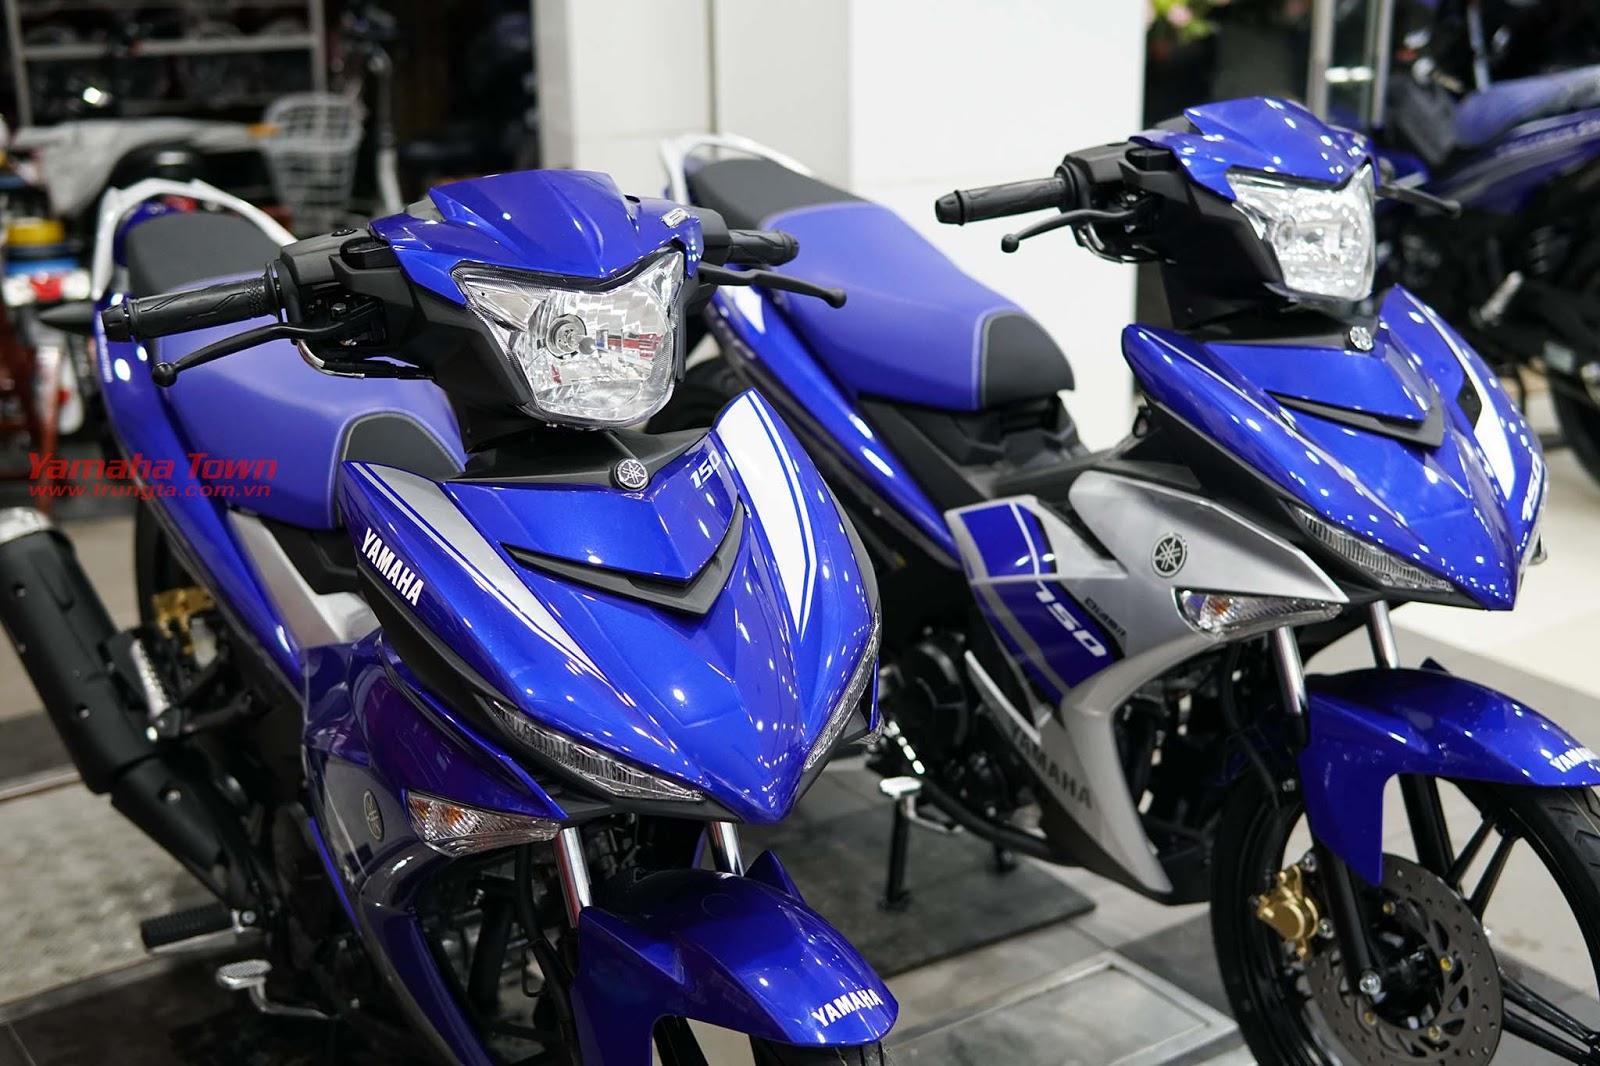 Mua xe trả góp Yamaha Exciter 150 như thế nào, lãi suất bao nhiêu?